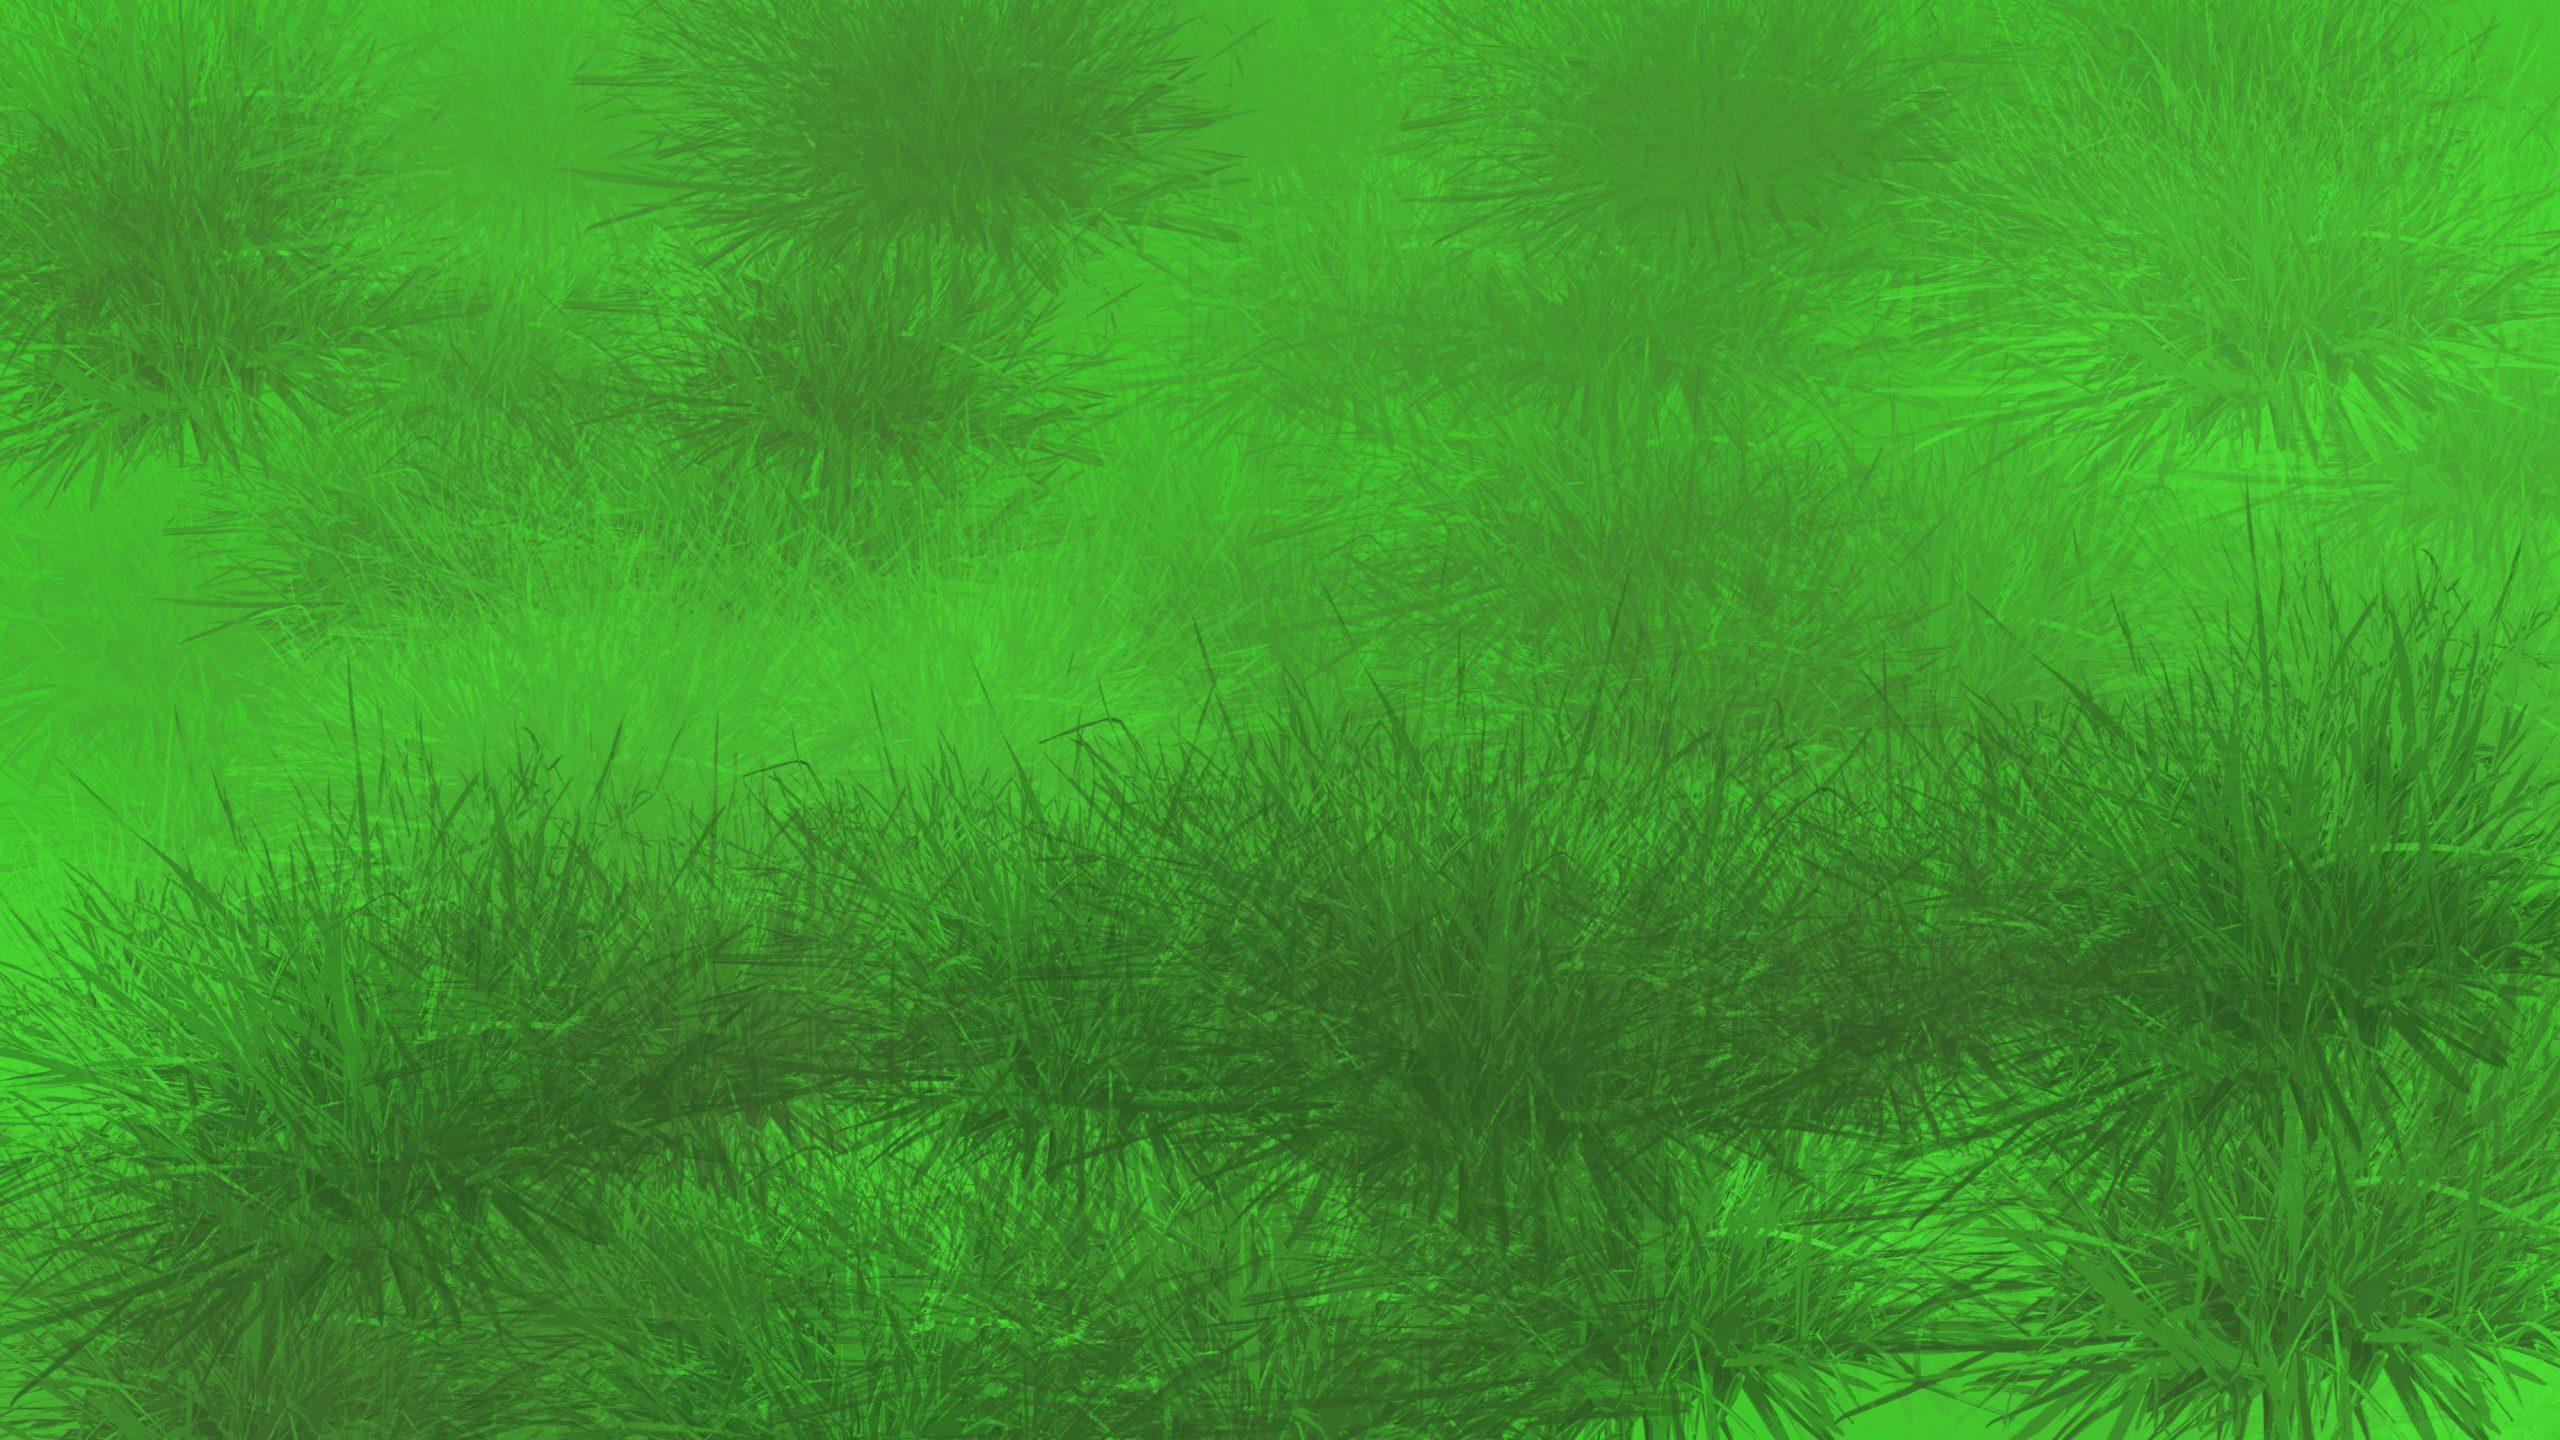 green-grass-effect-background